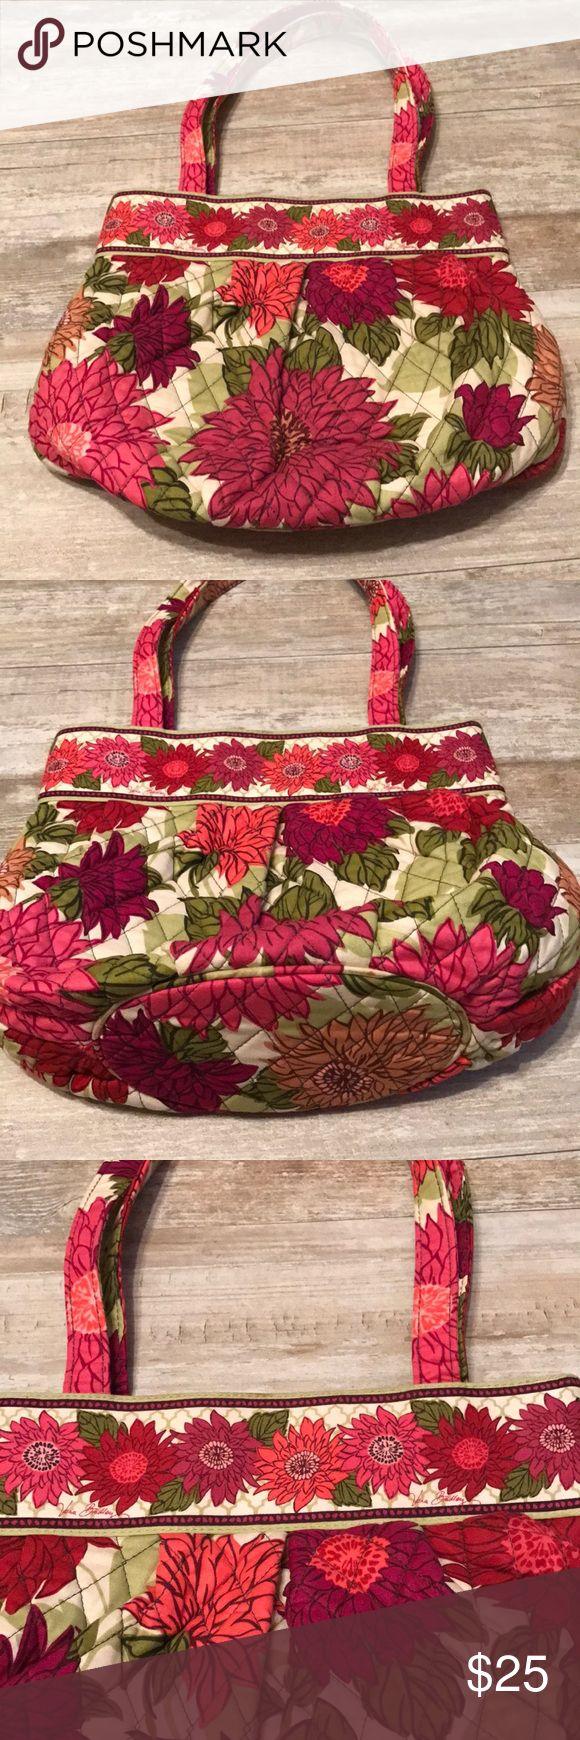 Vera Bradley Handbag Vera Bradley handbag Depth:11 inches 2 front outer pockets 2 straps  Inner pockets Vera Bradley Bags